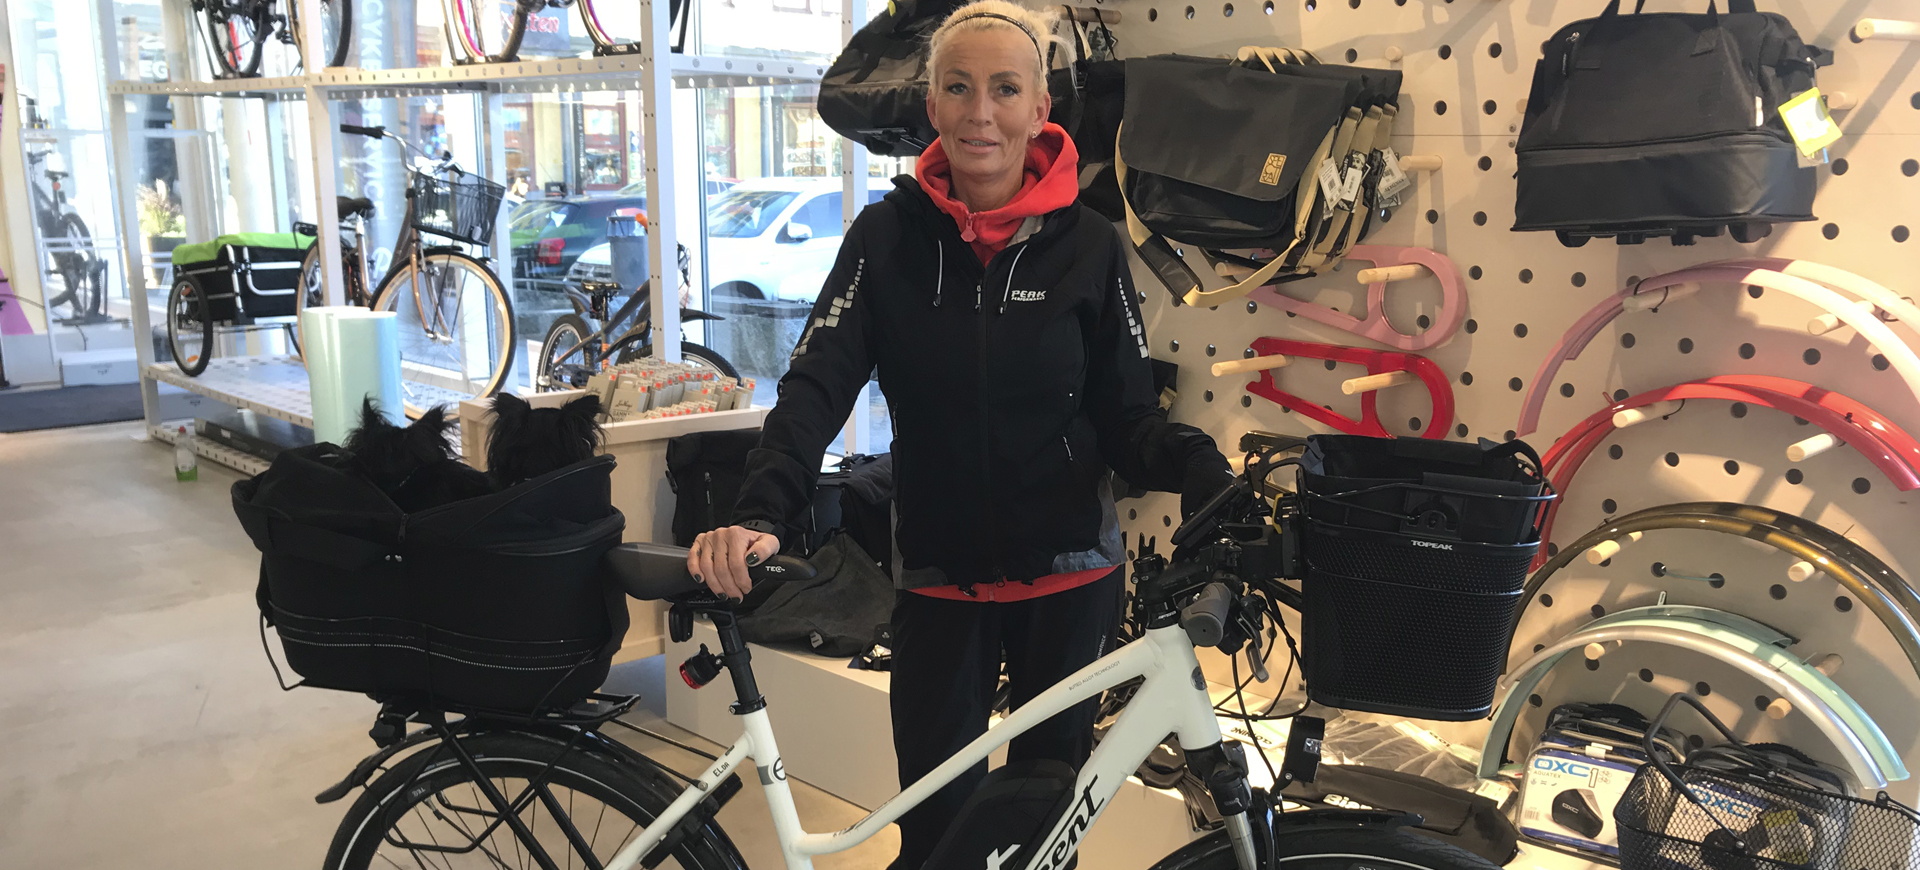 Rejal klassiker nar svensken valjer cykel